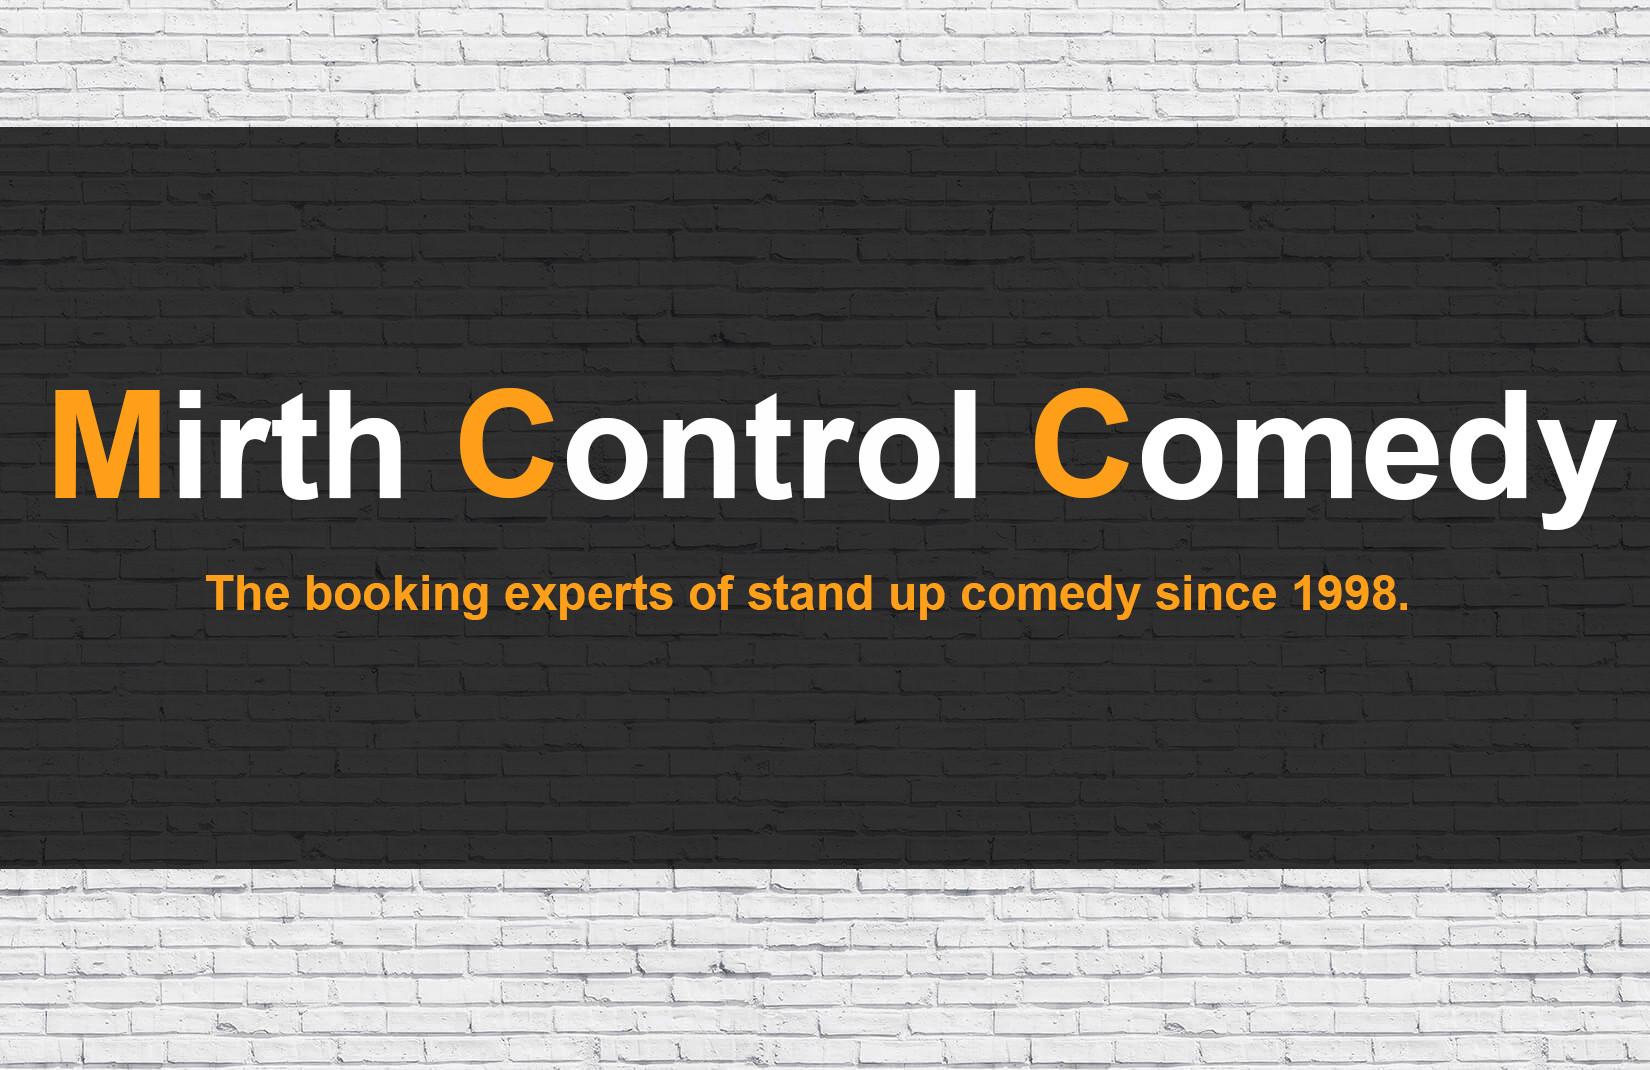 Mirth Control Comedy